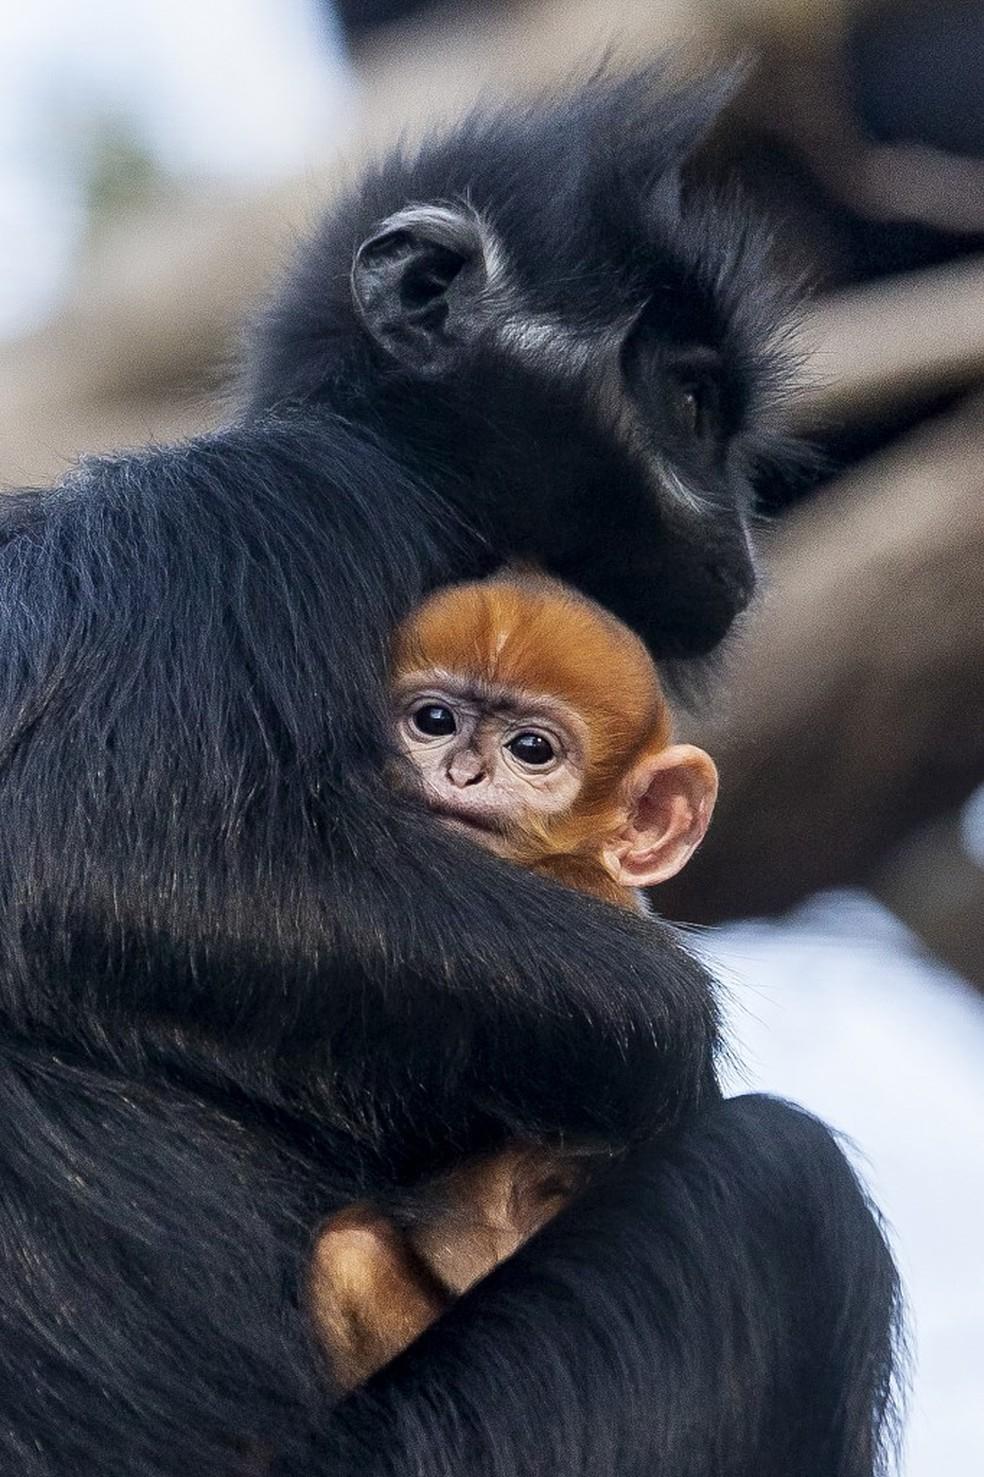 Filhote de langur-de-françois é visto com a família no zoológico de Sydney — Foto: Rick Stevens/Taronga Zoo/AFP